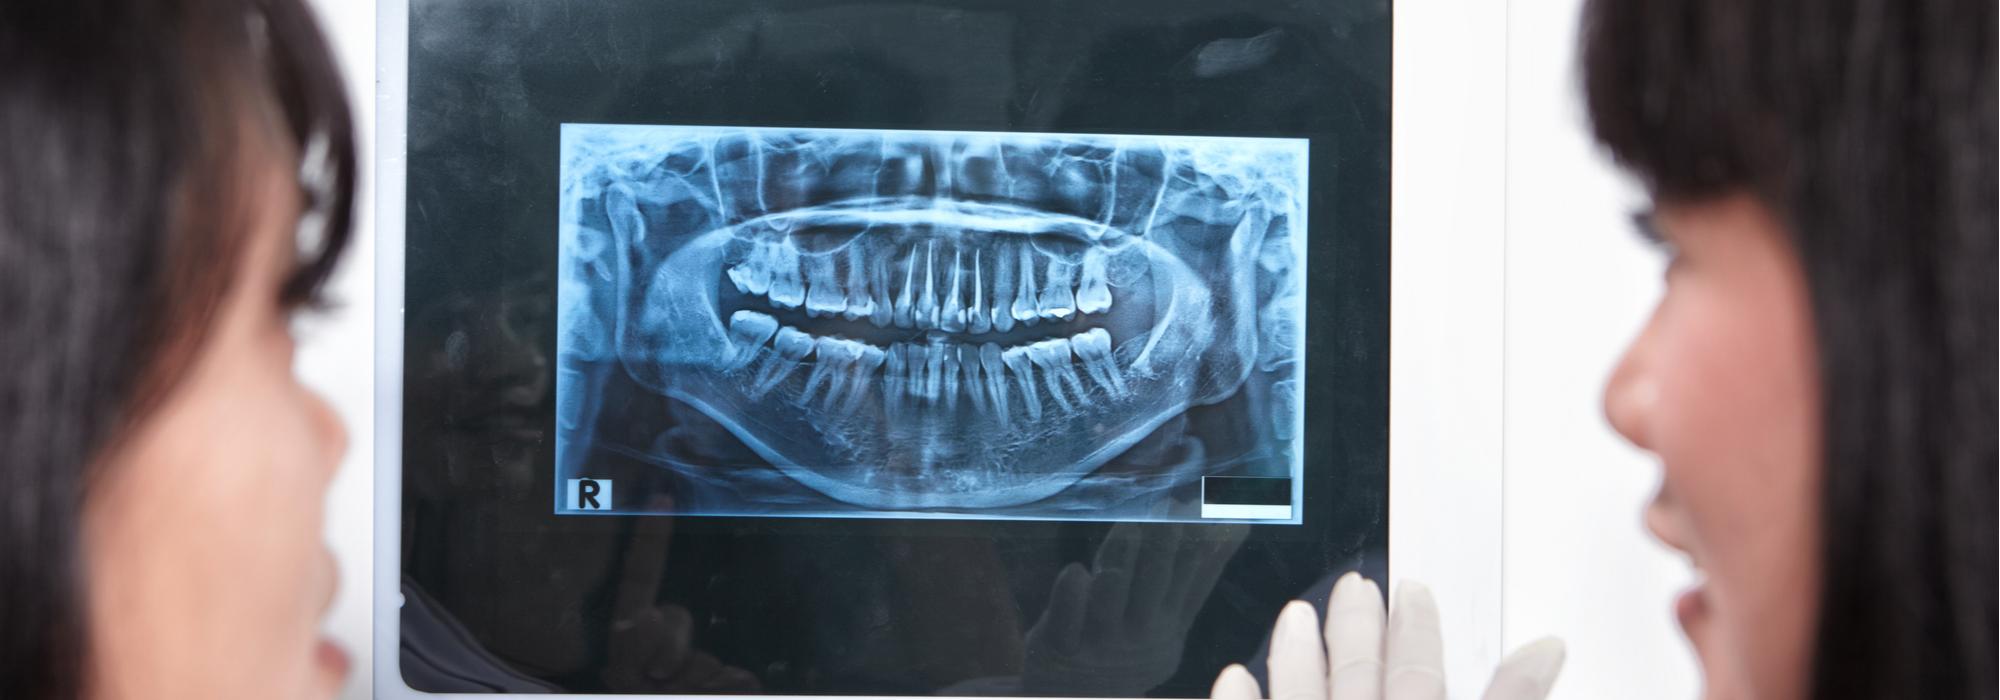 dental prosthodontics